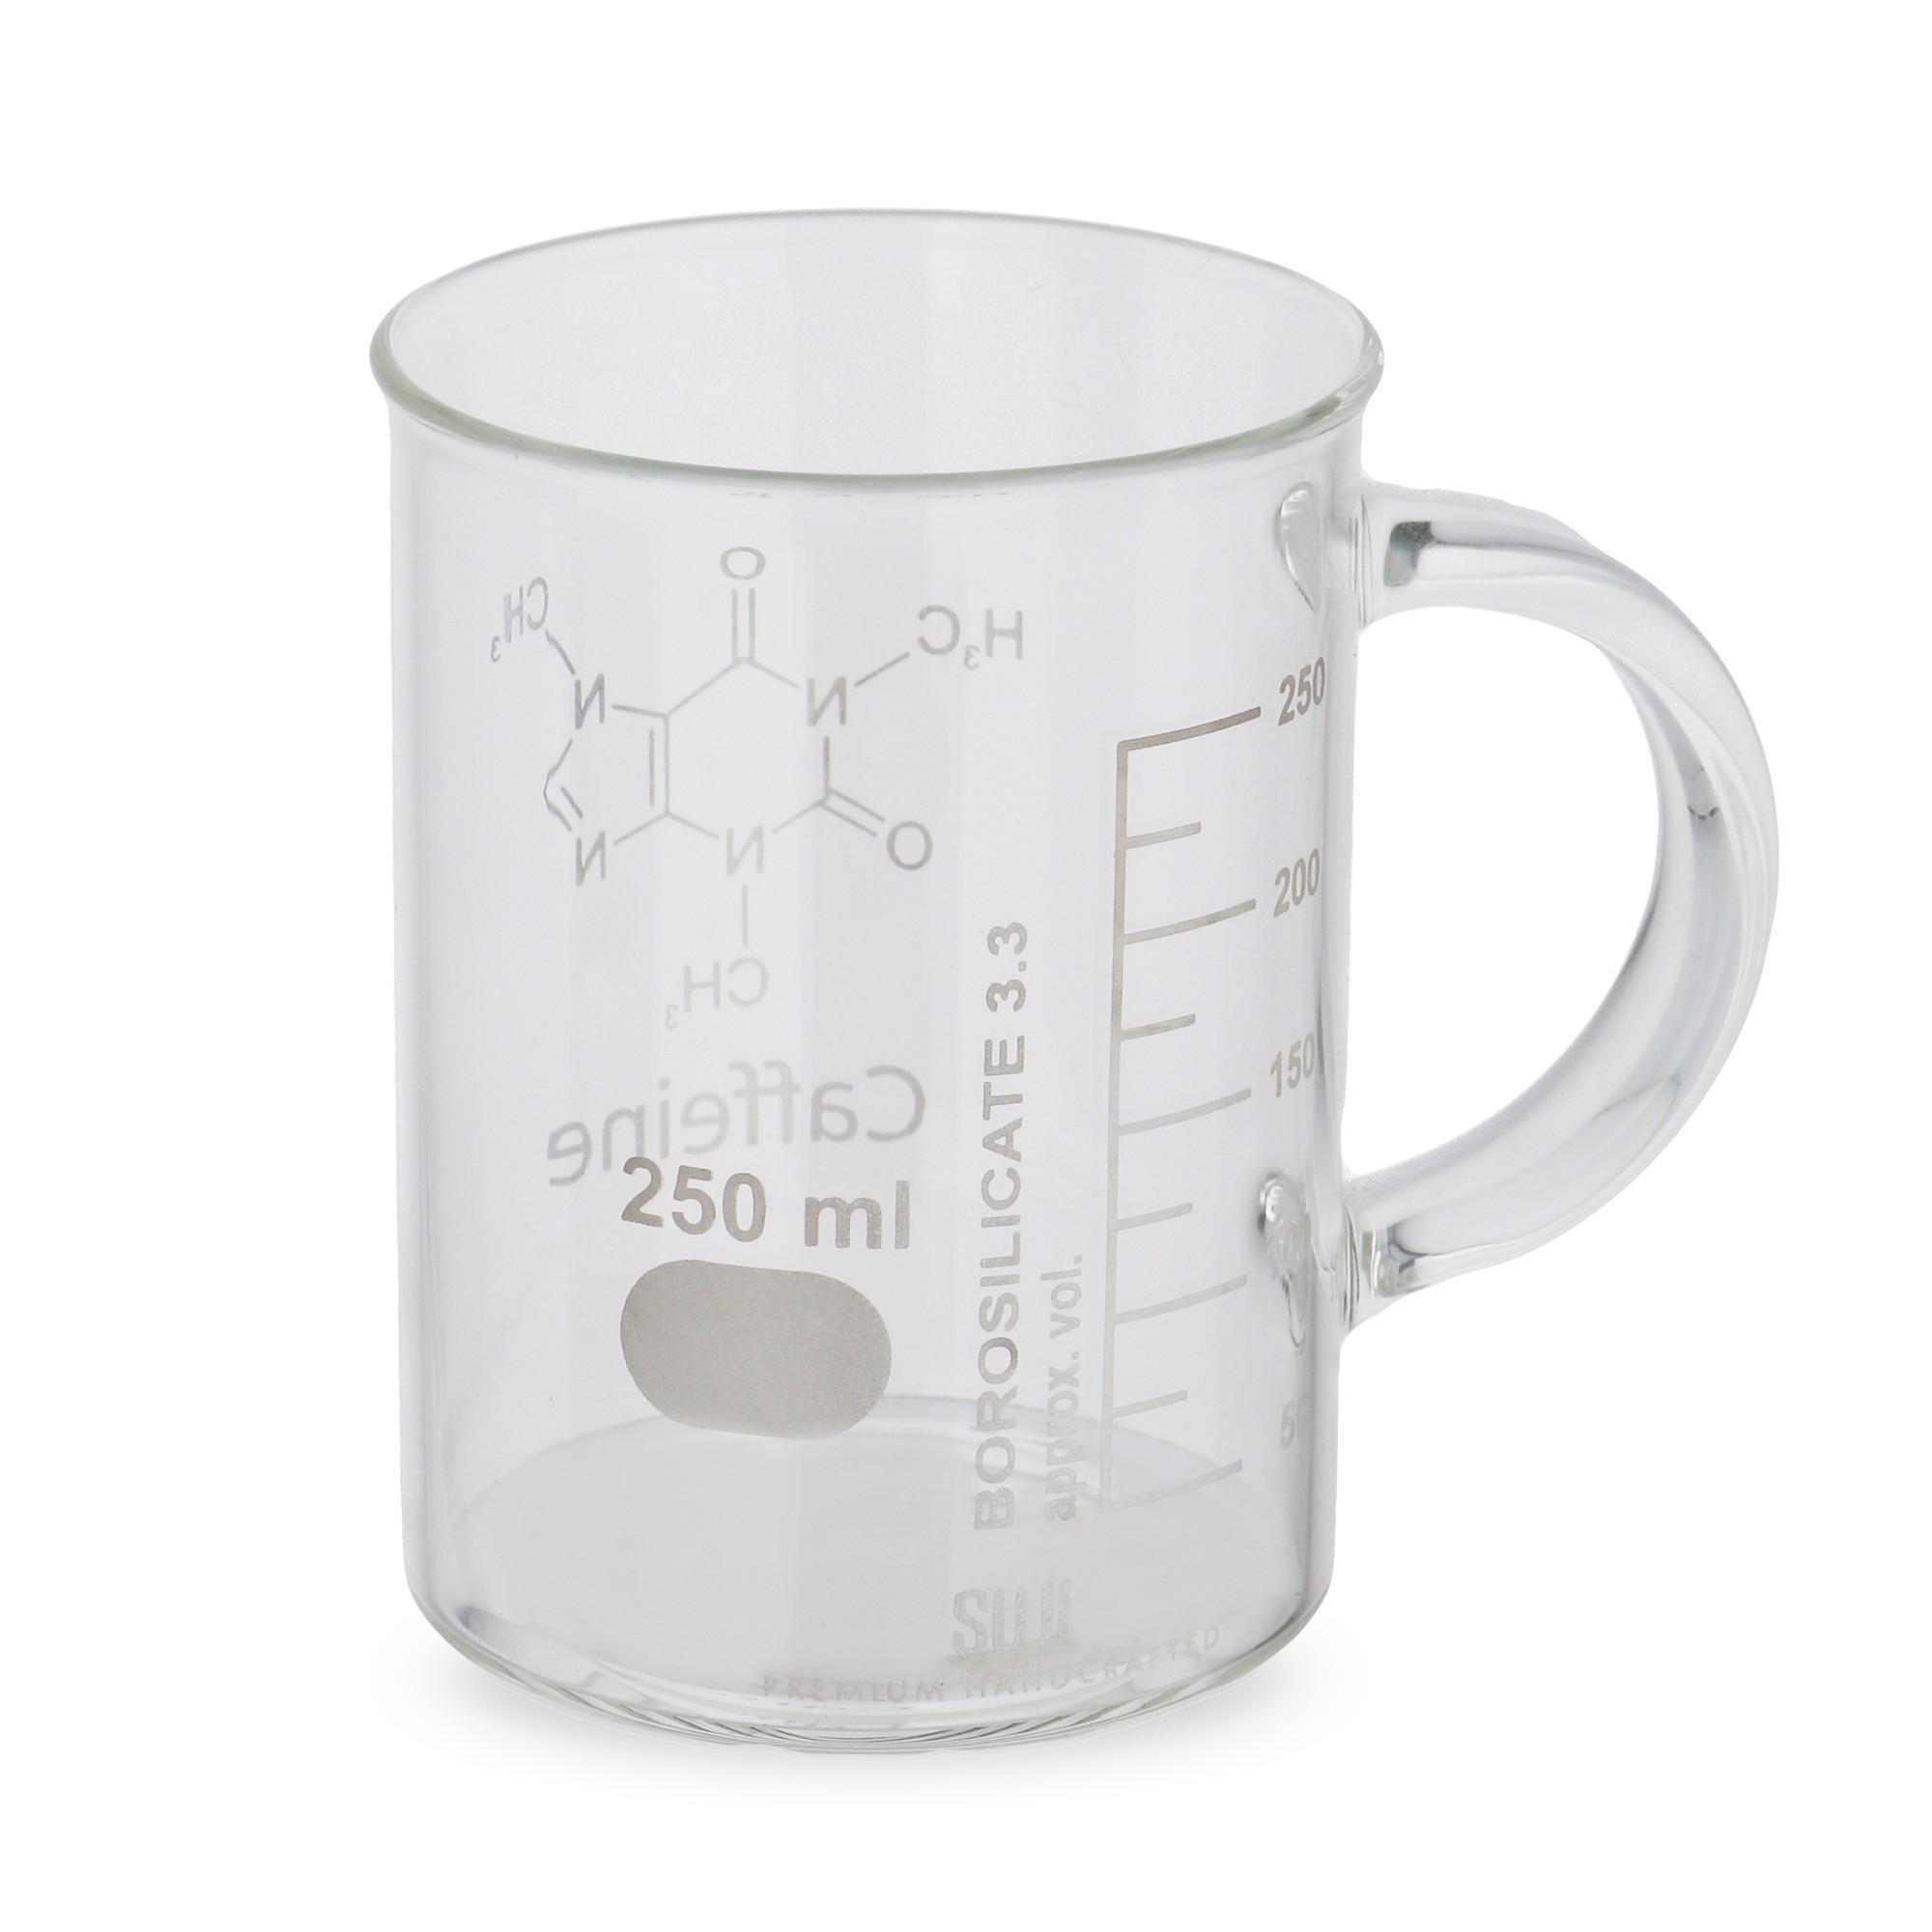 SUJI MUG CHEMISTRY CAFFEINE 300ML